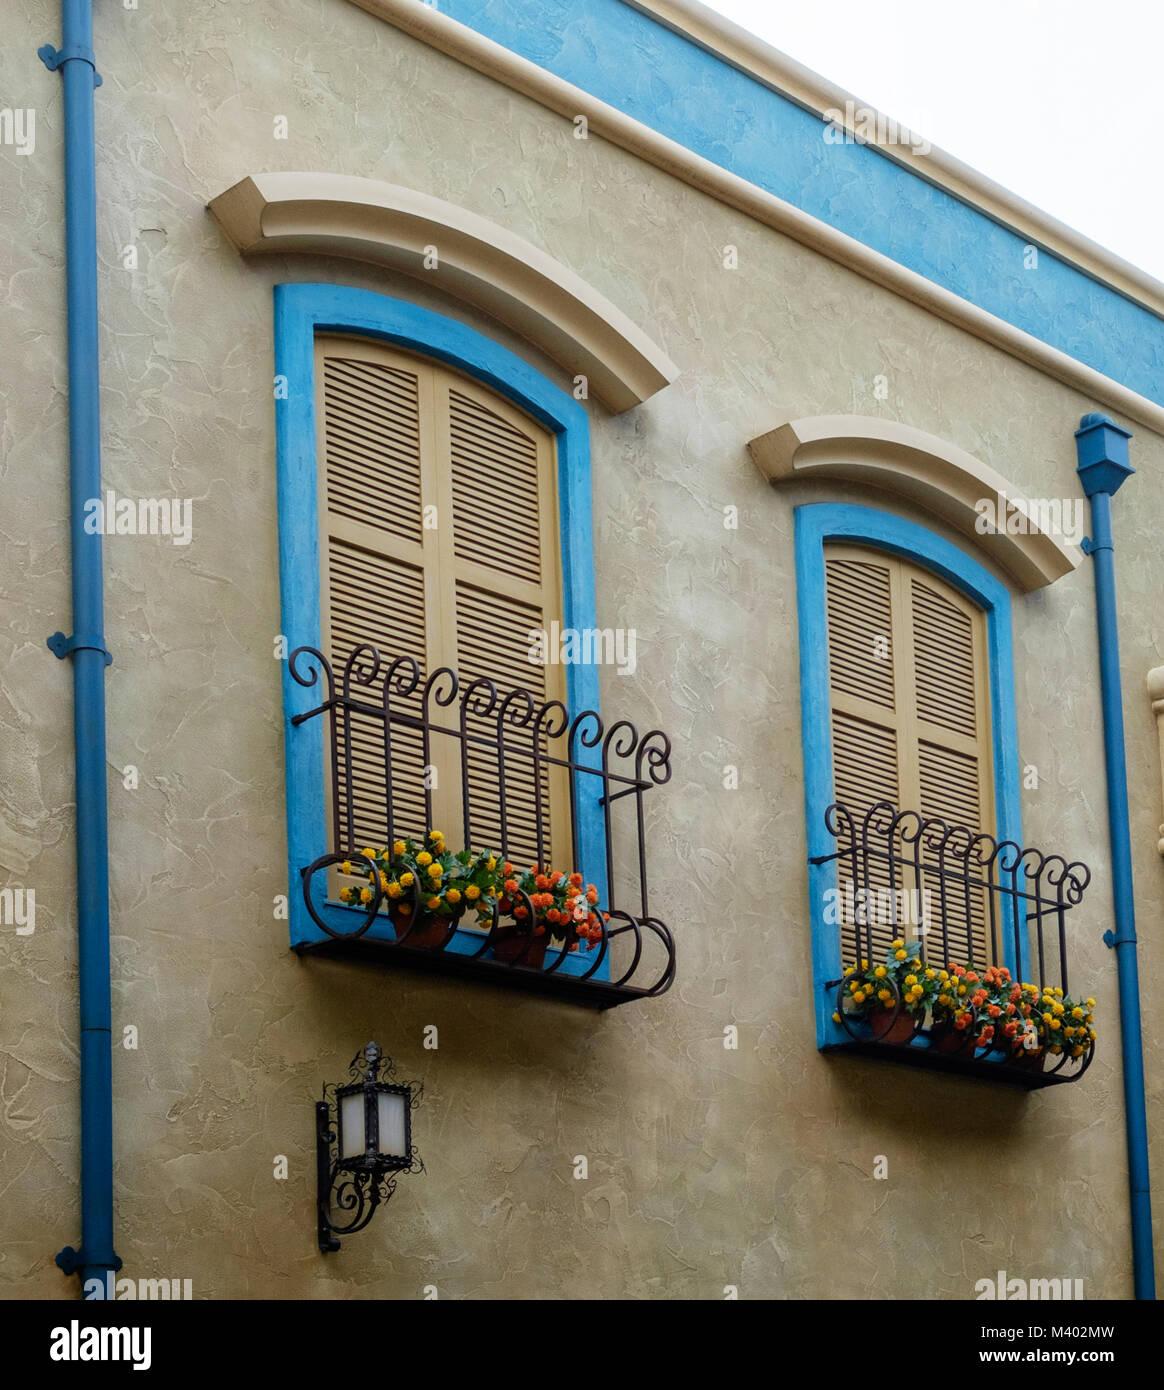 Due finestre con persiane con letti in ferro battuto con scatole di finestra, fiori luminosi & blue frame. Blu di due tubi di scarico. Luce retrò su edificio in una finestra. Foto Stock